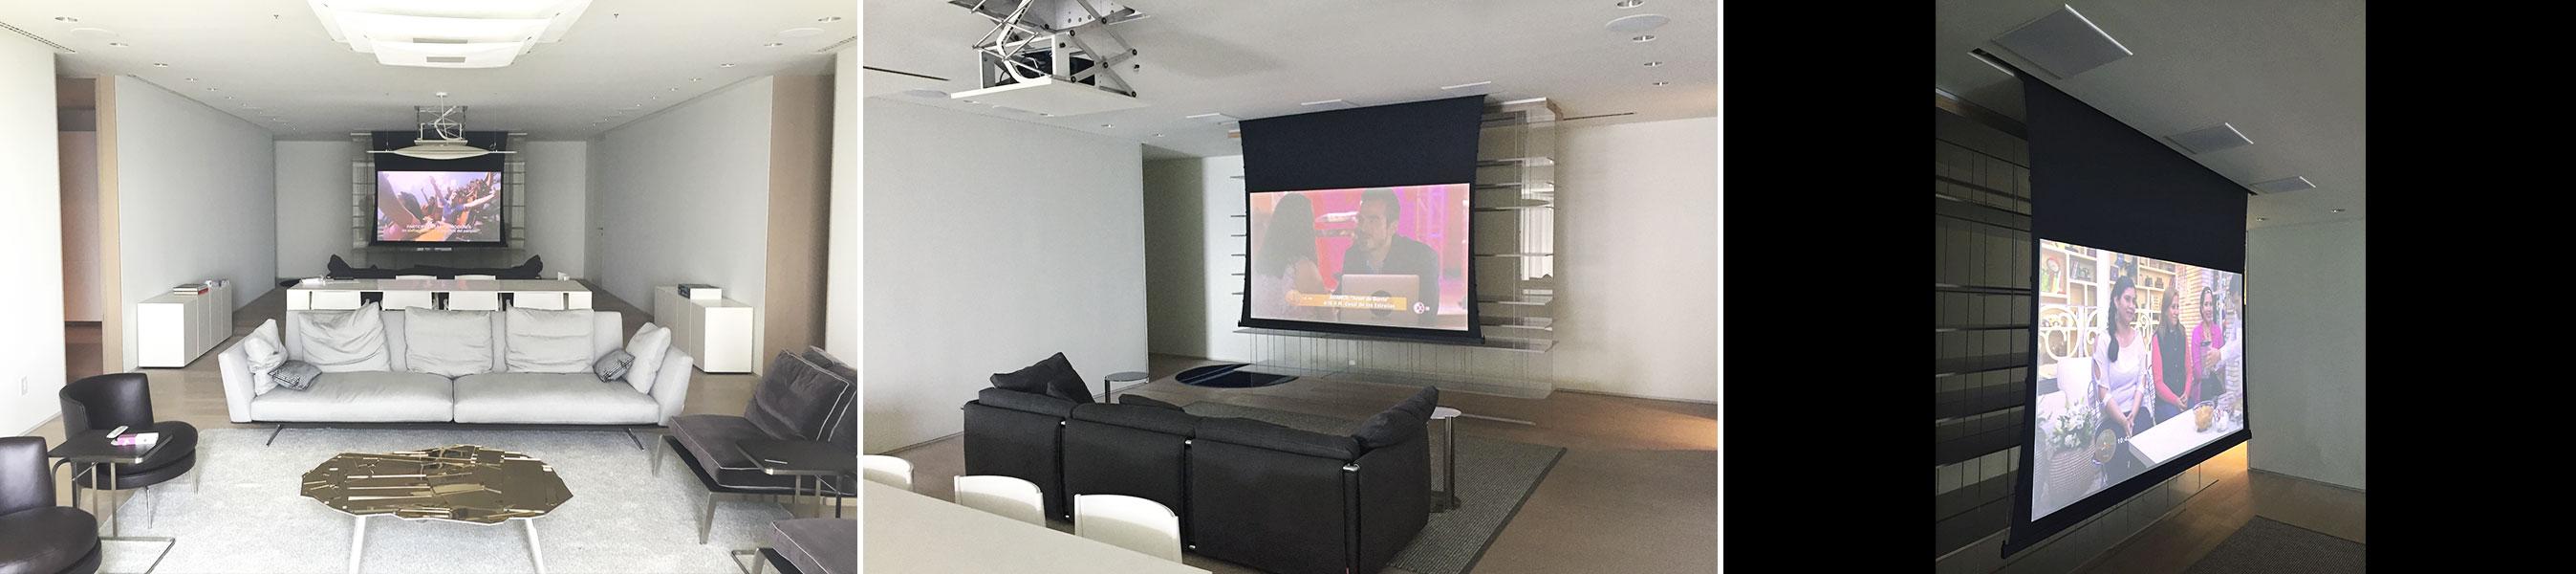 2014 – Cine Reforma